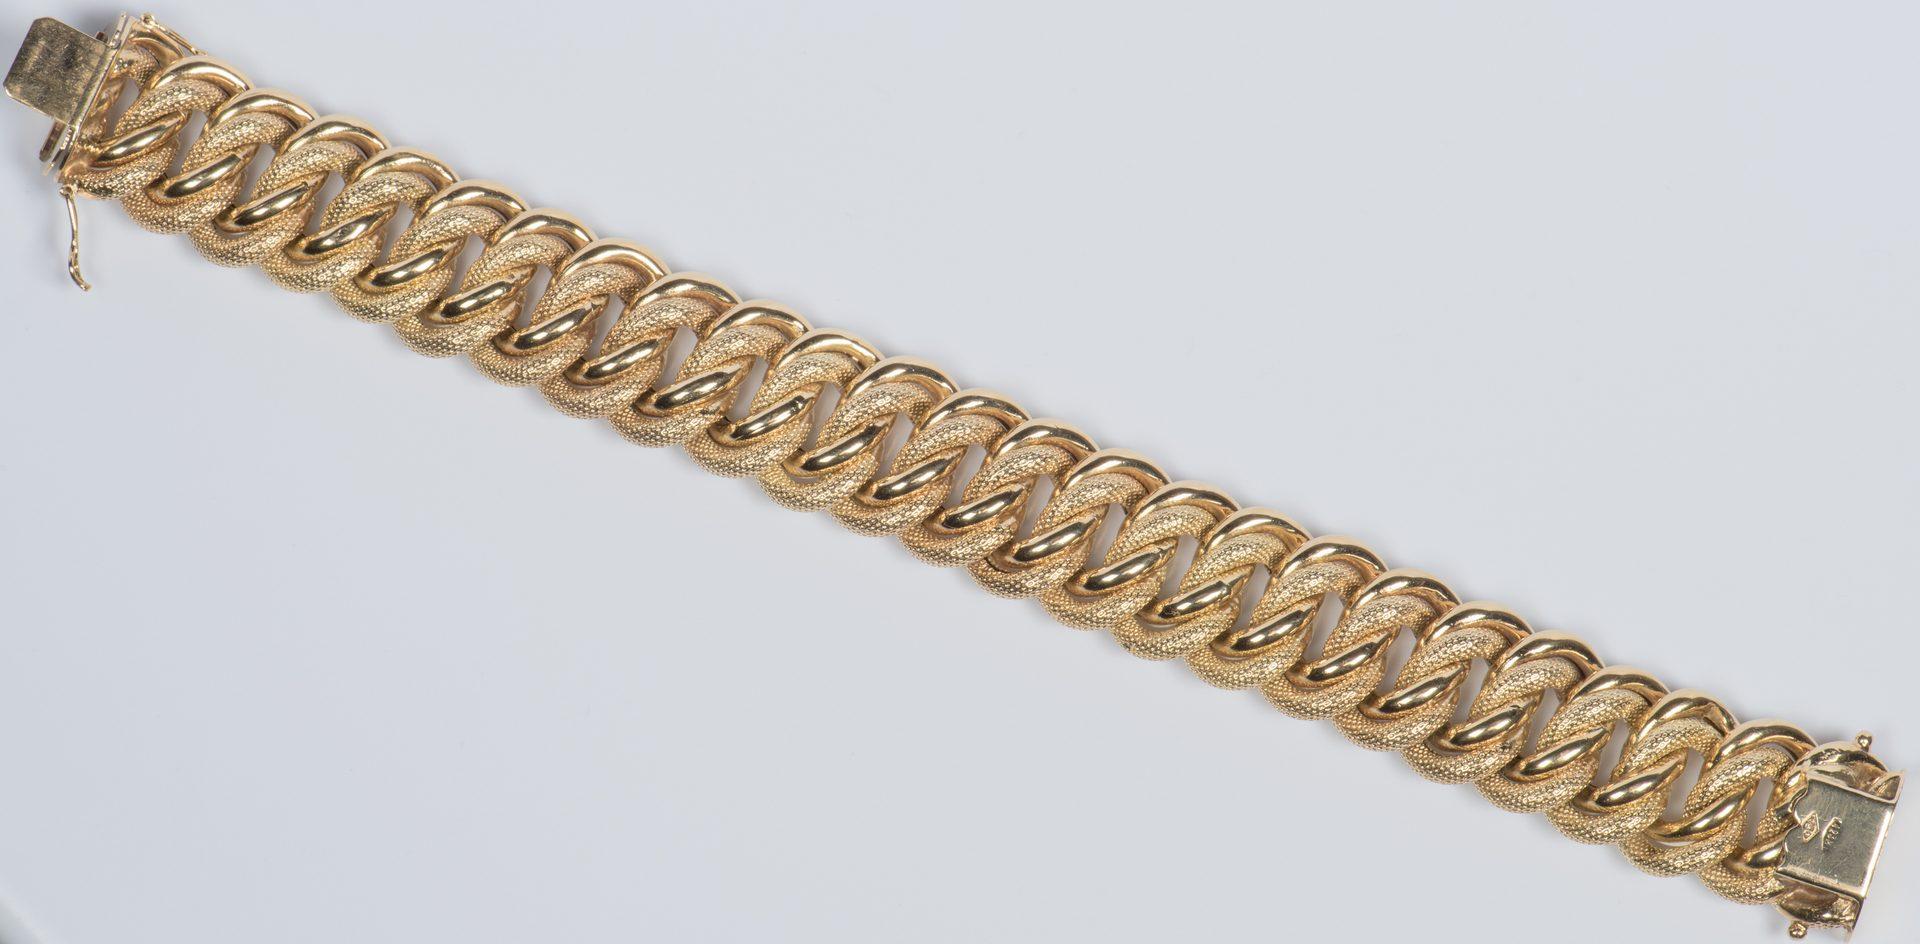 Lot 58: 18K Wide Link Bracelet, 65.2 grams